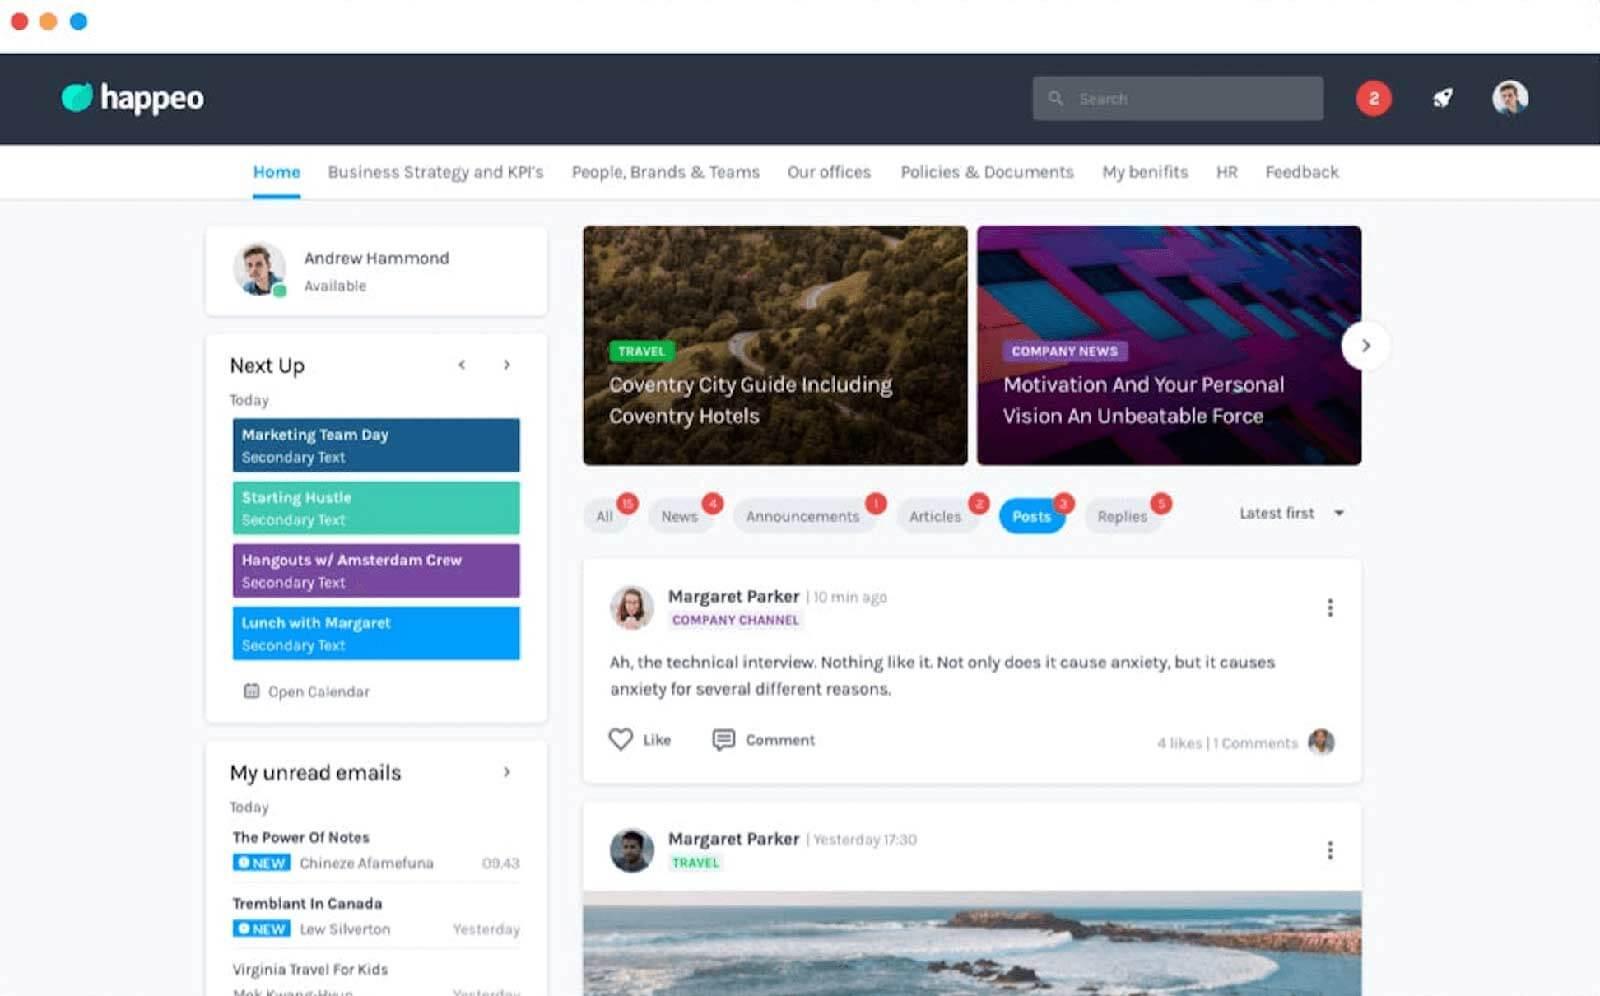 Talkspirit - Happeo interface